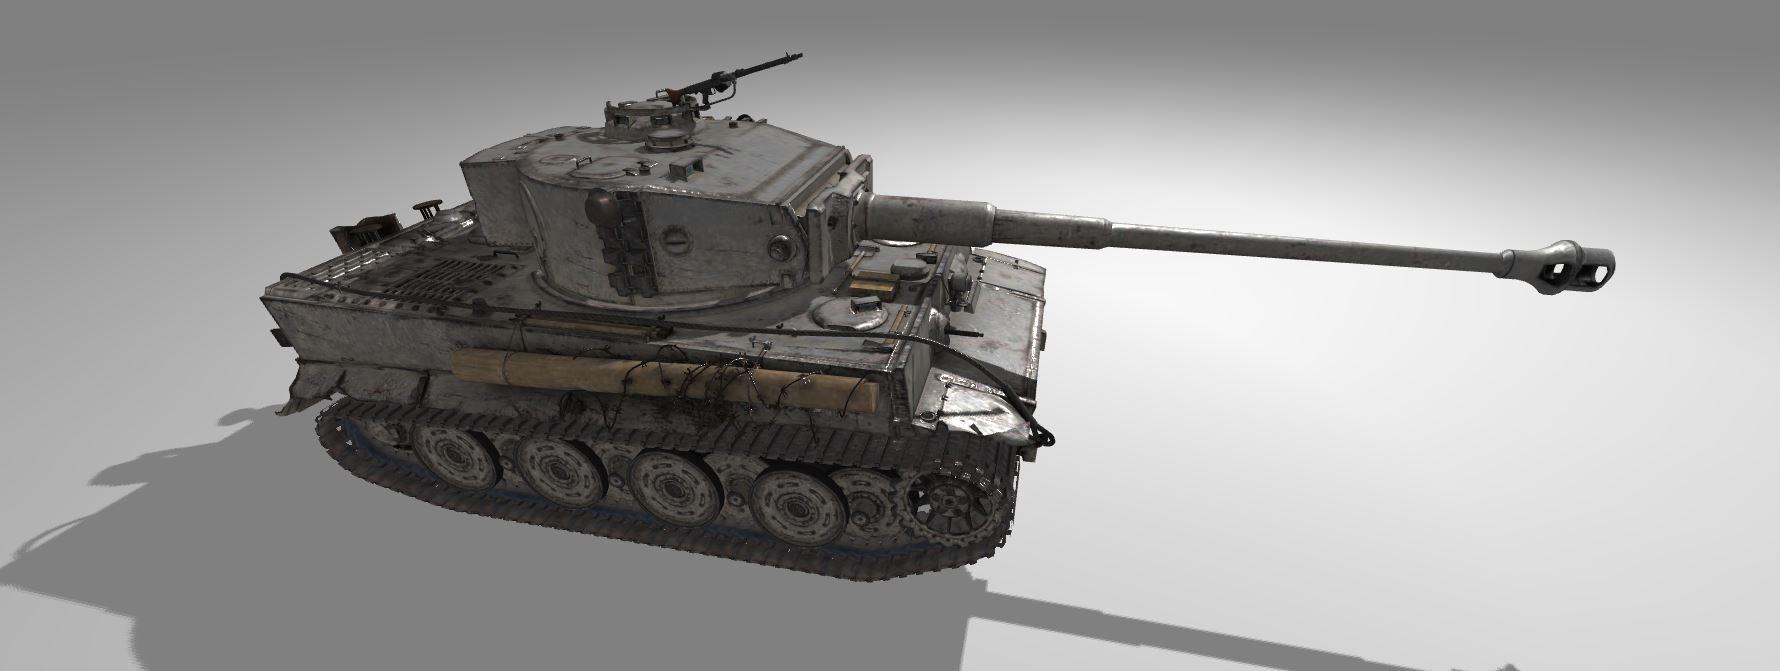 tiger-i-1